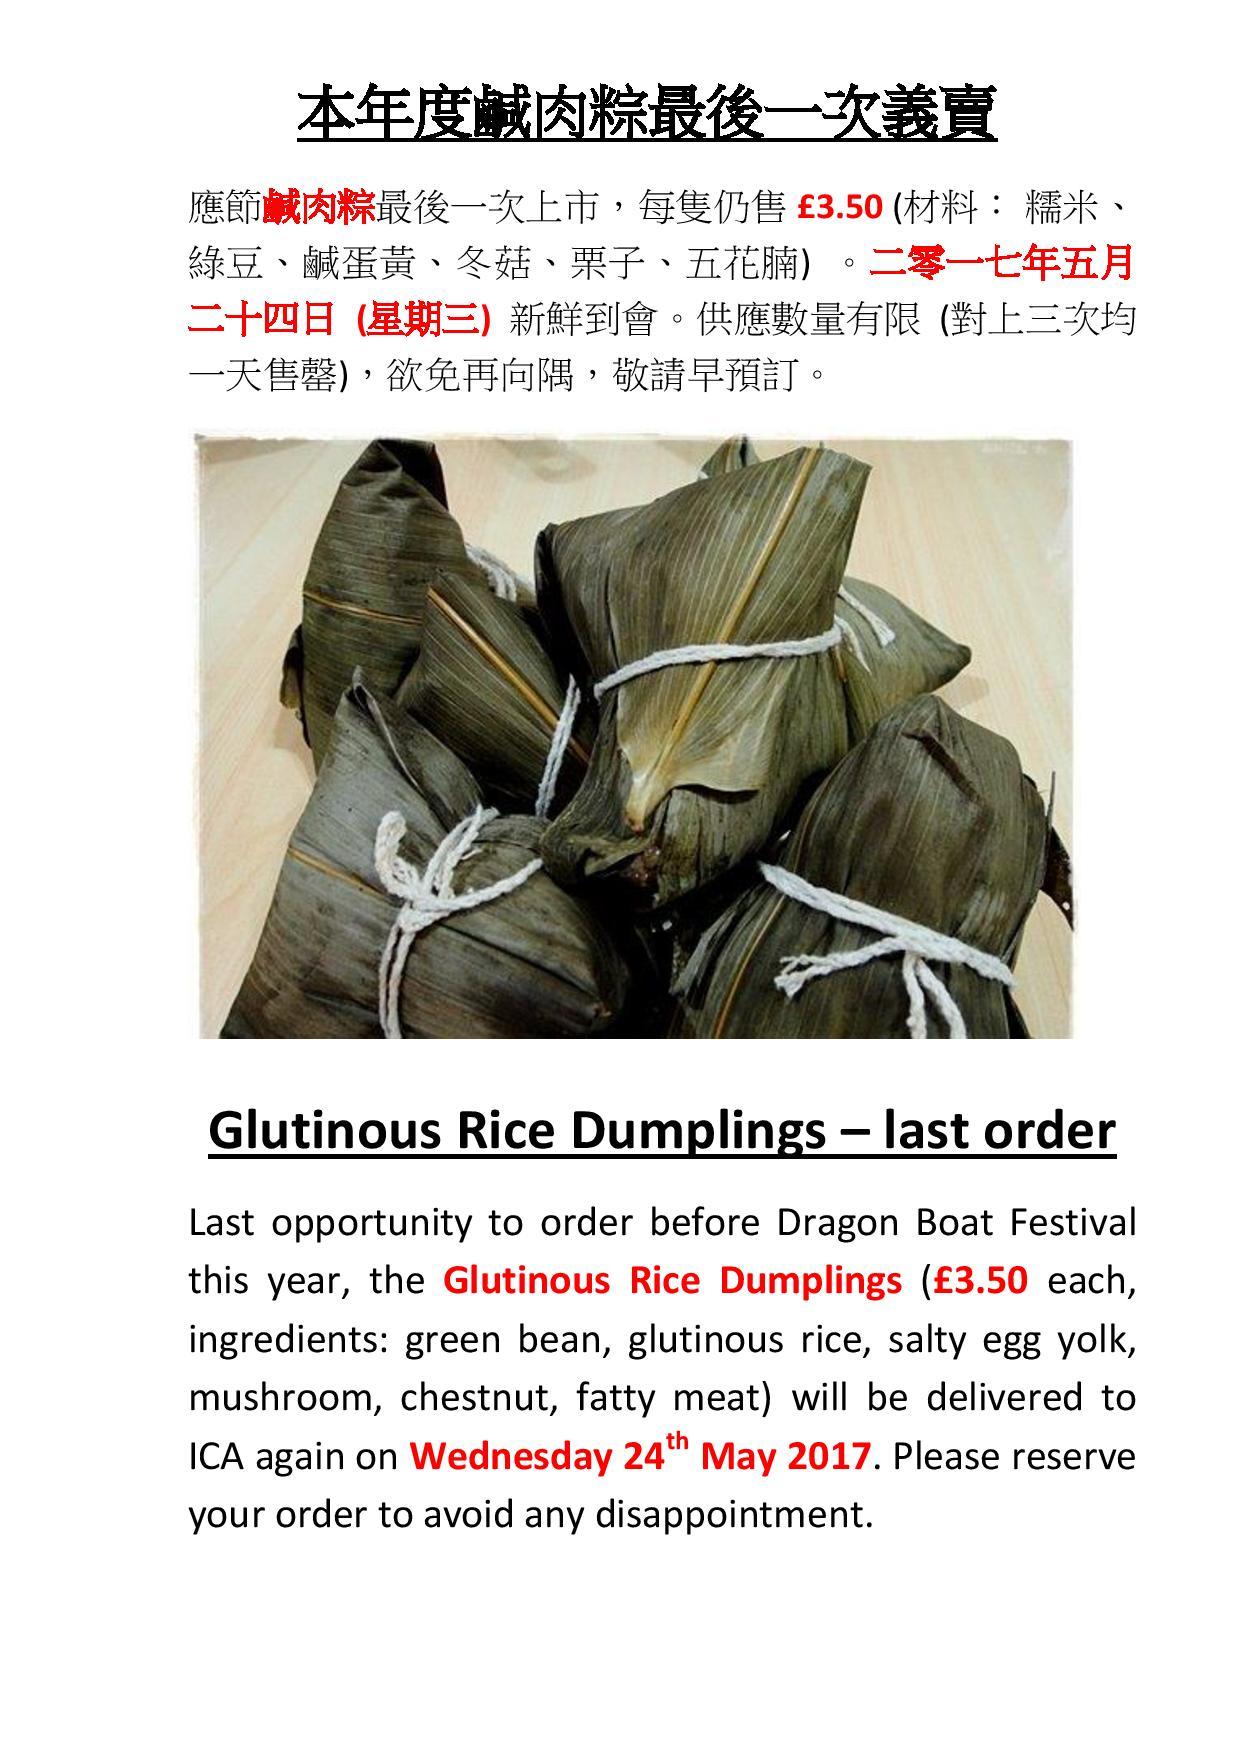 Glutinous Rice Dumplings 24.5.2017